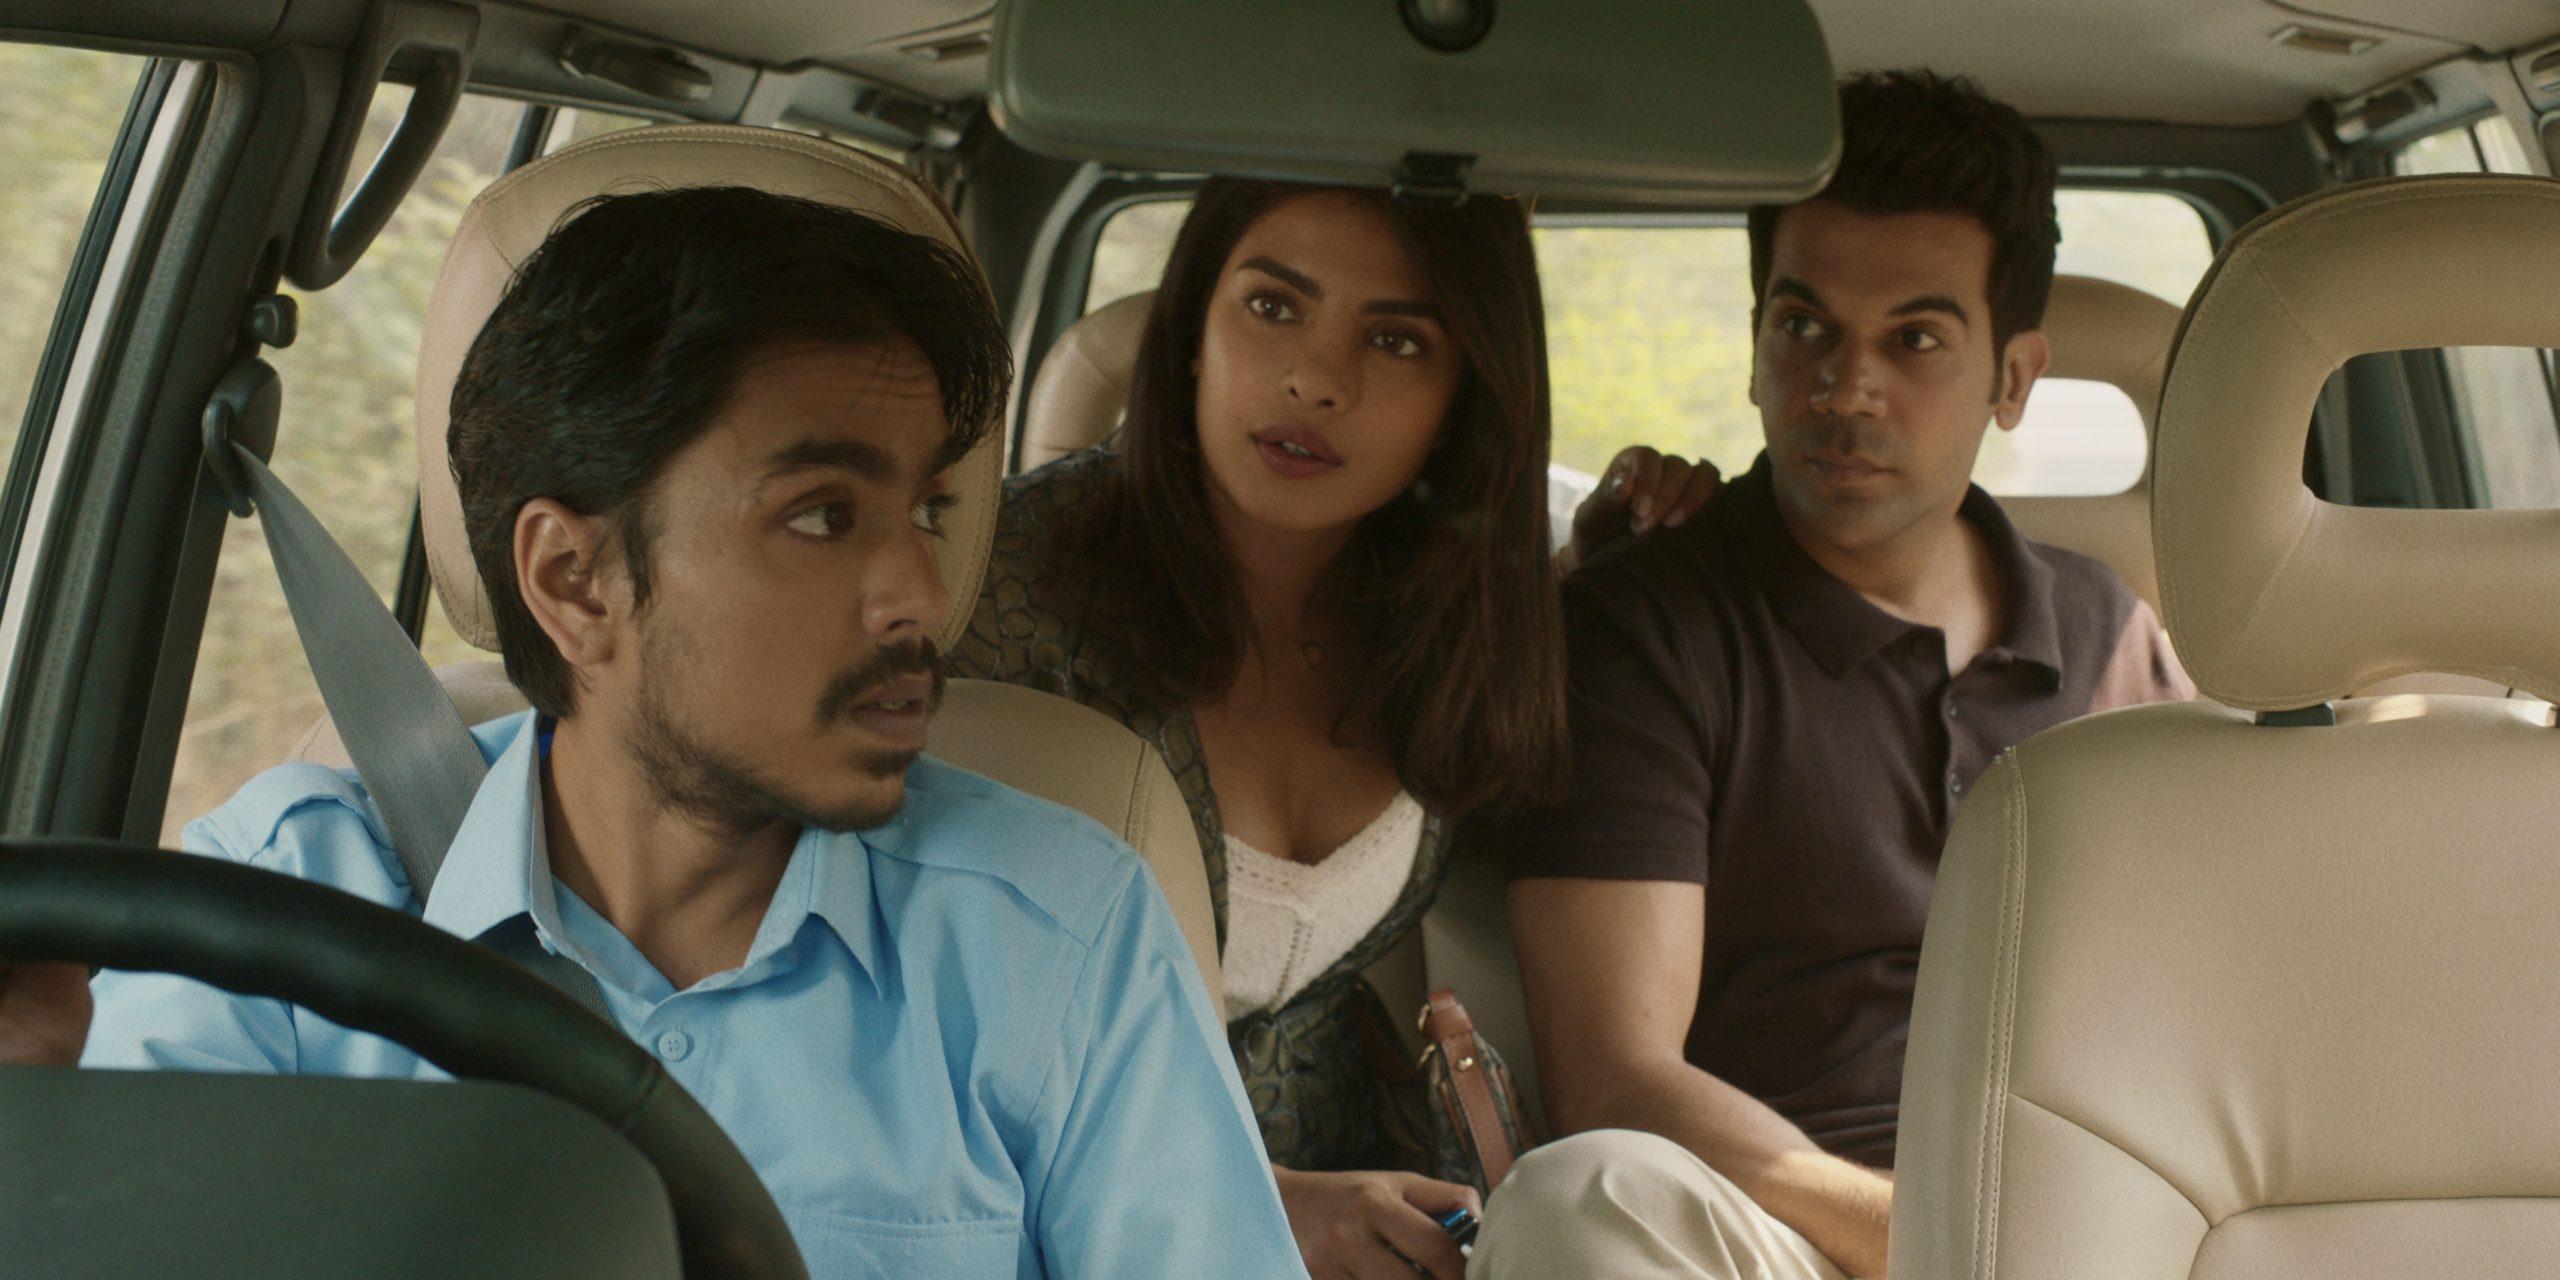 Personajes de Balram, Ashok y Pinky, de la película 'Tigre blanco', hablando en el coche